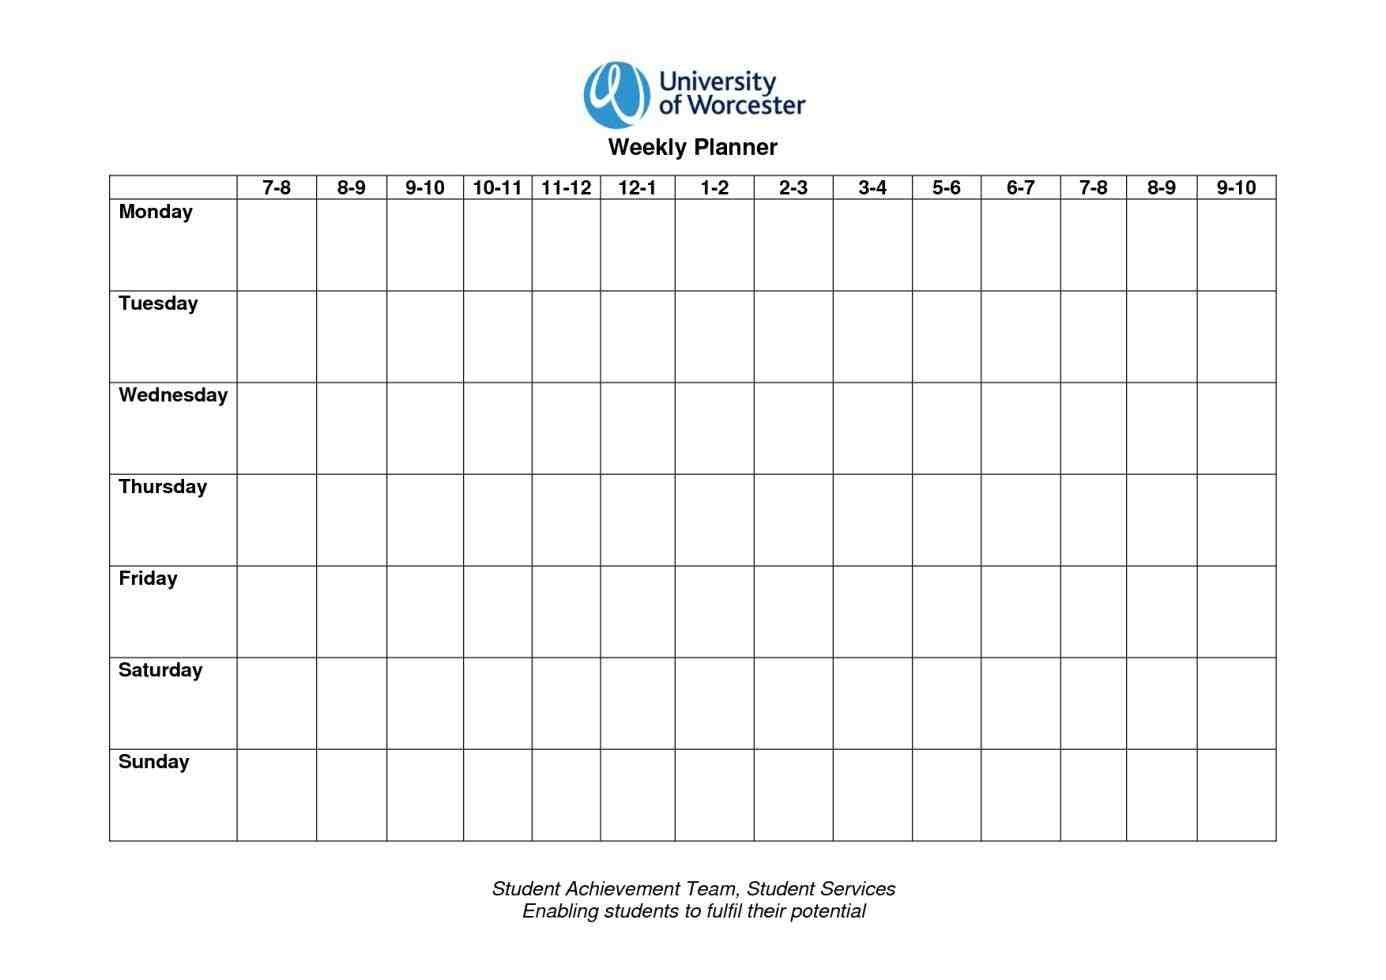 Monday Through Sunday Calendar | Calendar Template 2020 How To Make A Calendar In Word Monday Through Sunday